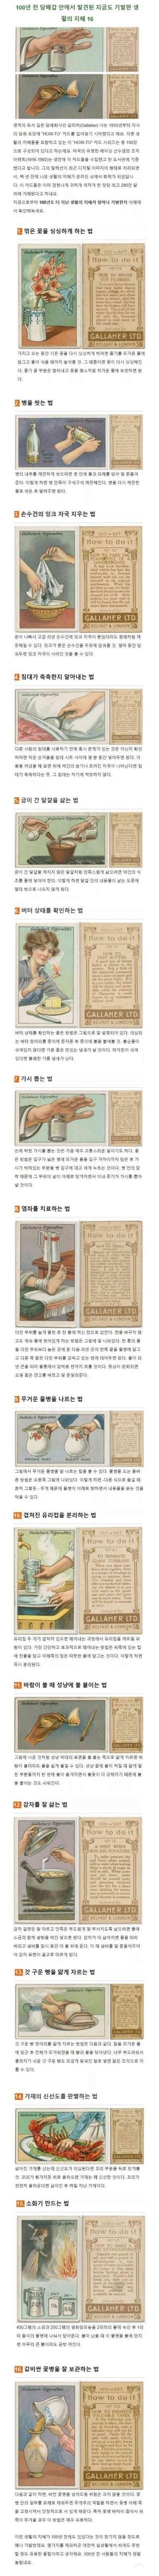 100년전 사람들이 알려주는 지혜